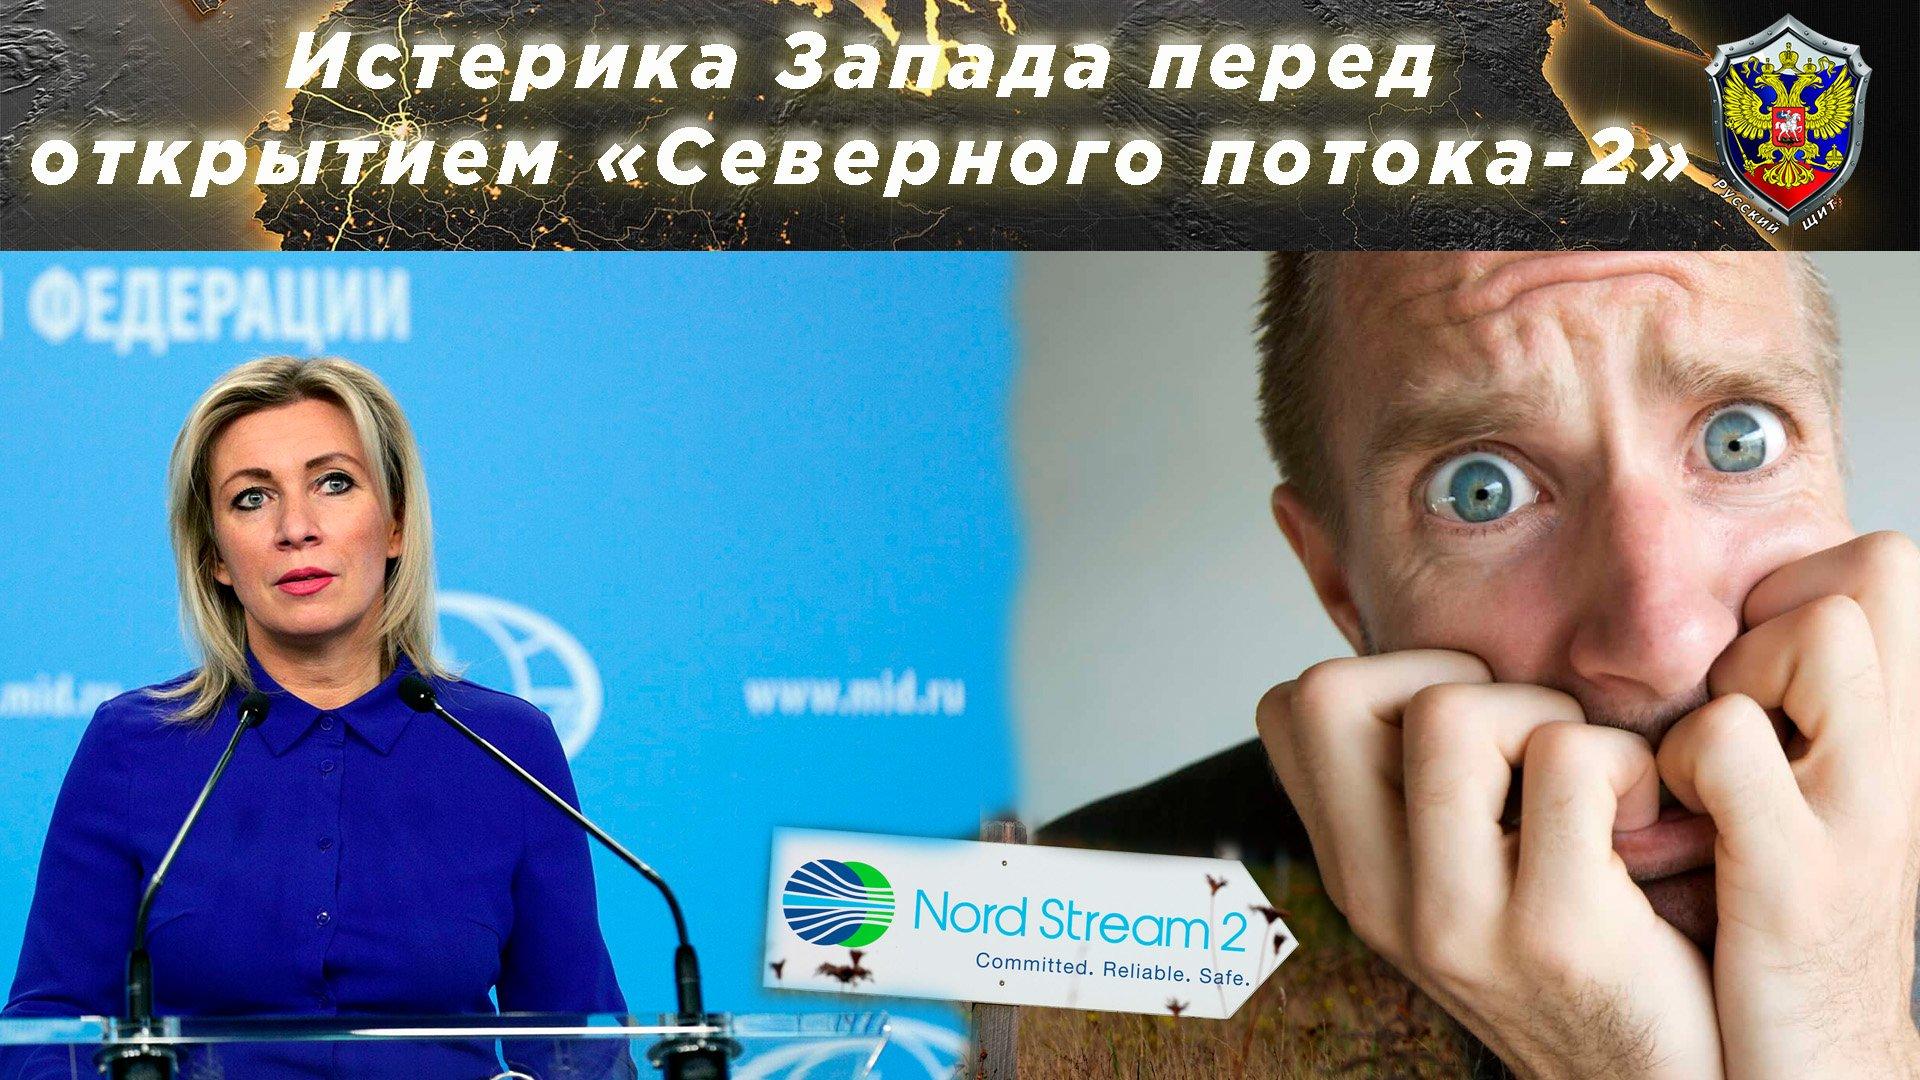 Истерика Запада перед открытием «Северного потока-2» - Новости мира - Новости сегодня.